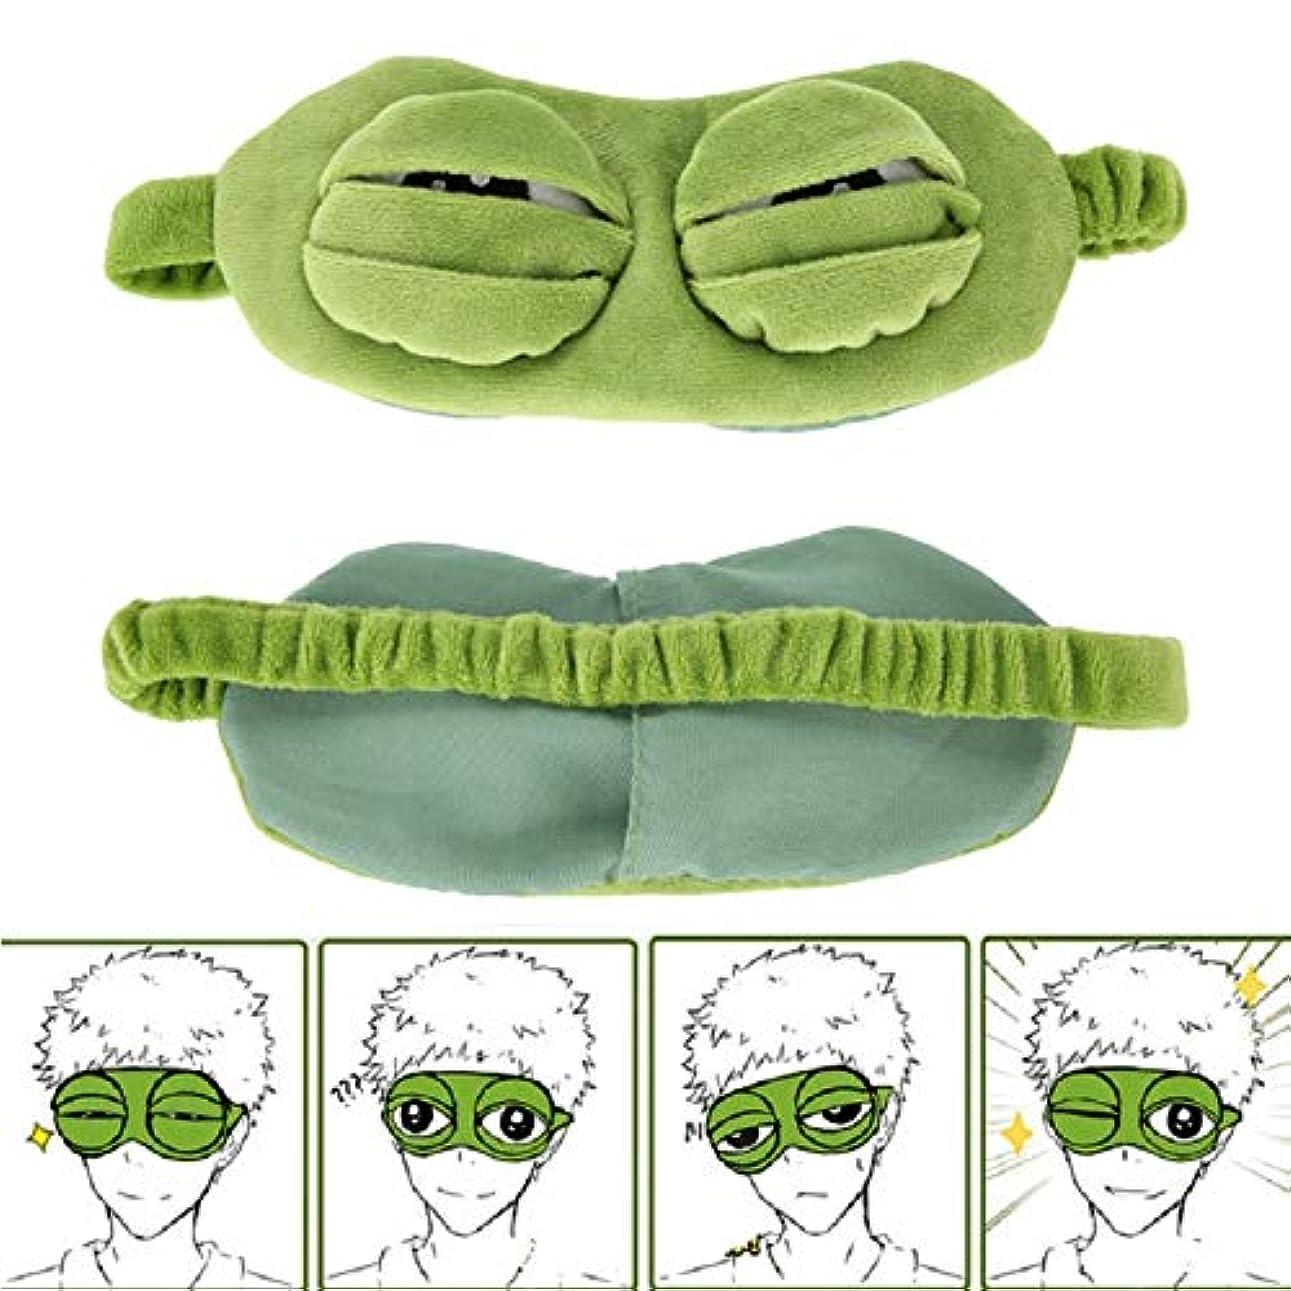 東ティモール衝突コース技術的なNOTE かわいい目のマスクカバーぬいぐるみ悲しい3Dカエルグリーンアイマスクカバーリラックス眠って休息旅行睡眠アニメ面白いギフト美容ゴーグル